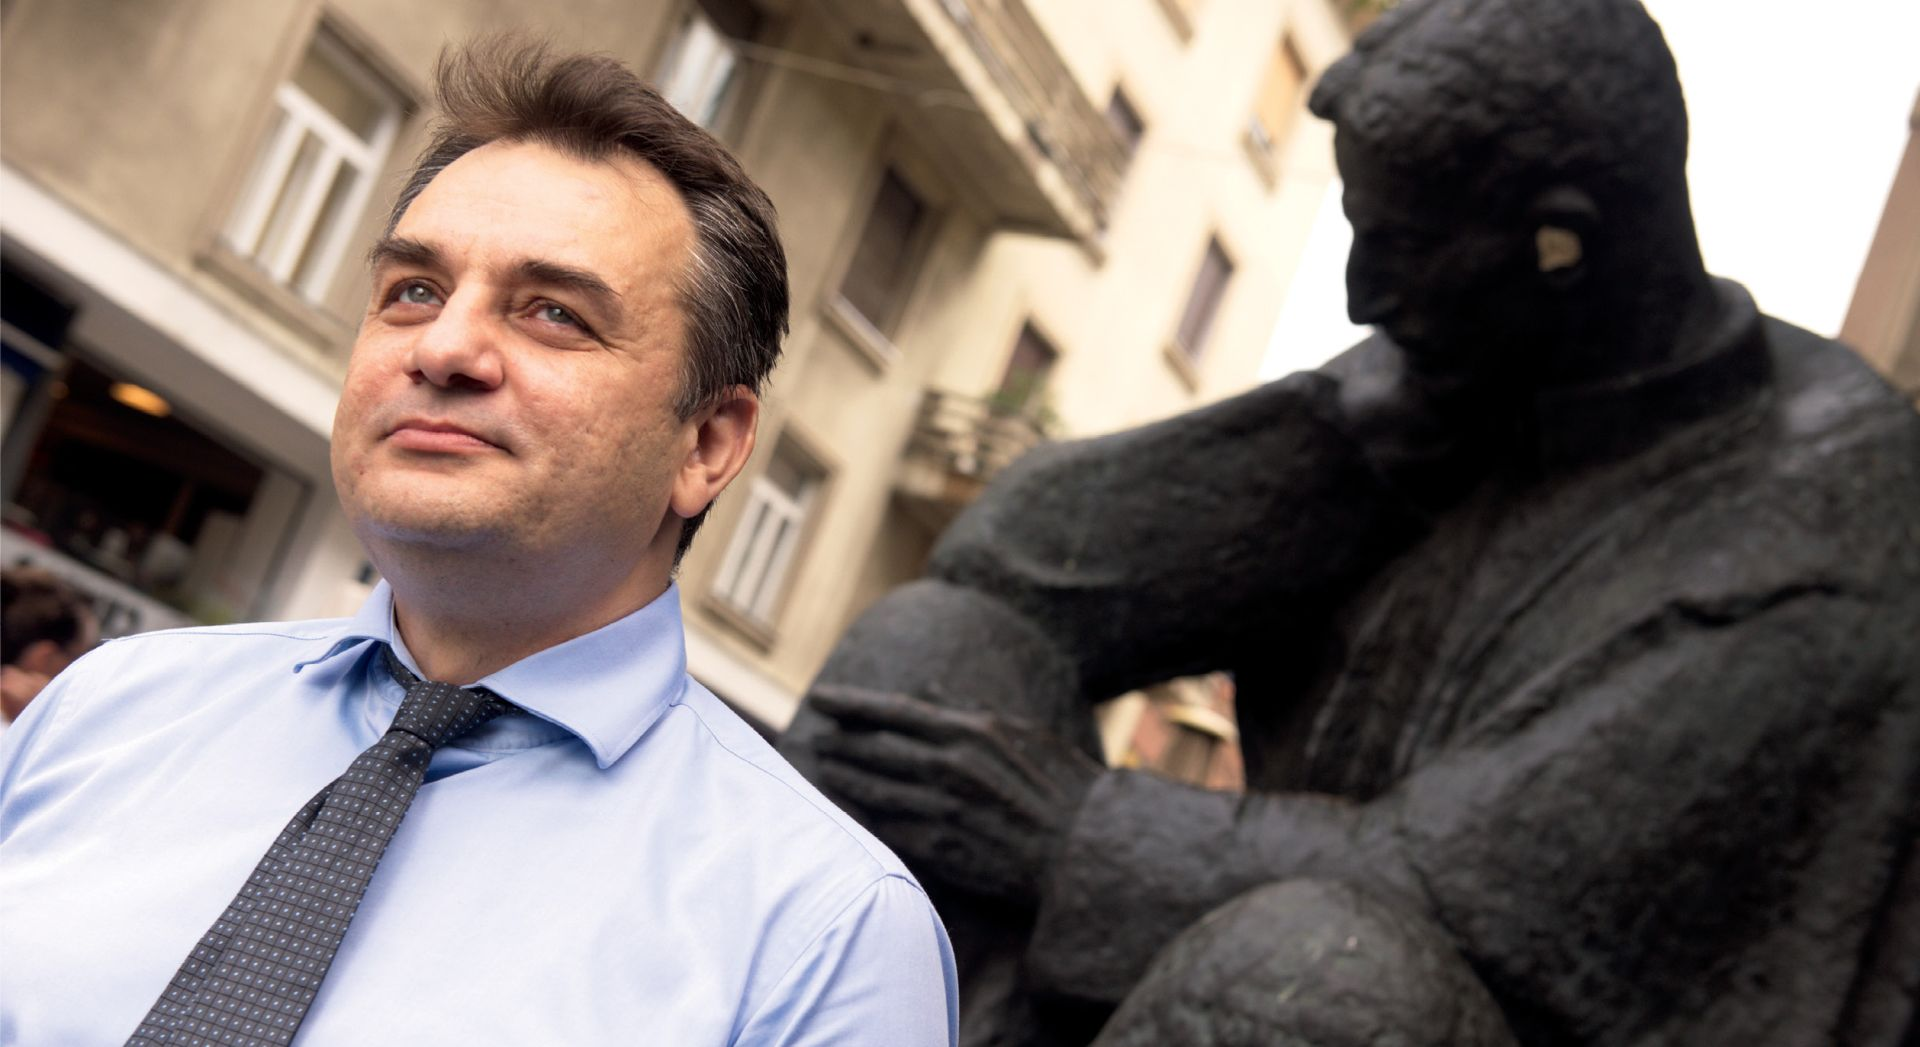 INTERVIEW: TOME ANTIČIĆ 'Kurikularna reforma ide dalje, a s eksperimentalnim izvođenjem krećemo već na jesen 2018.'